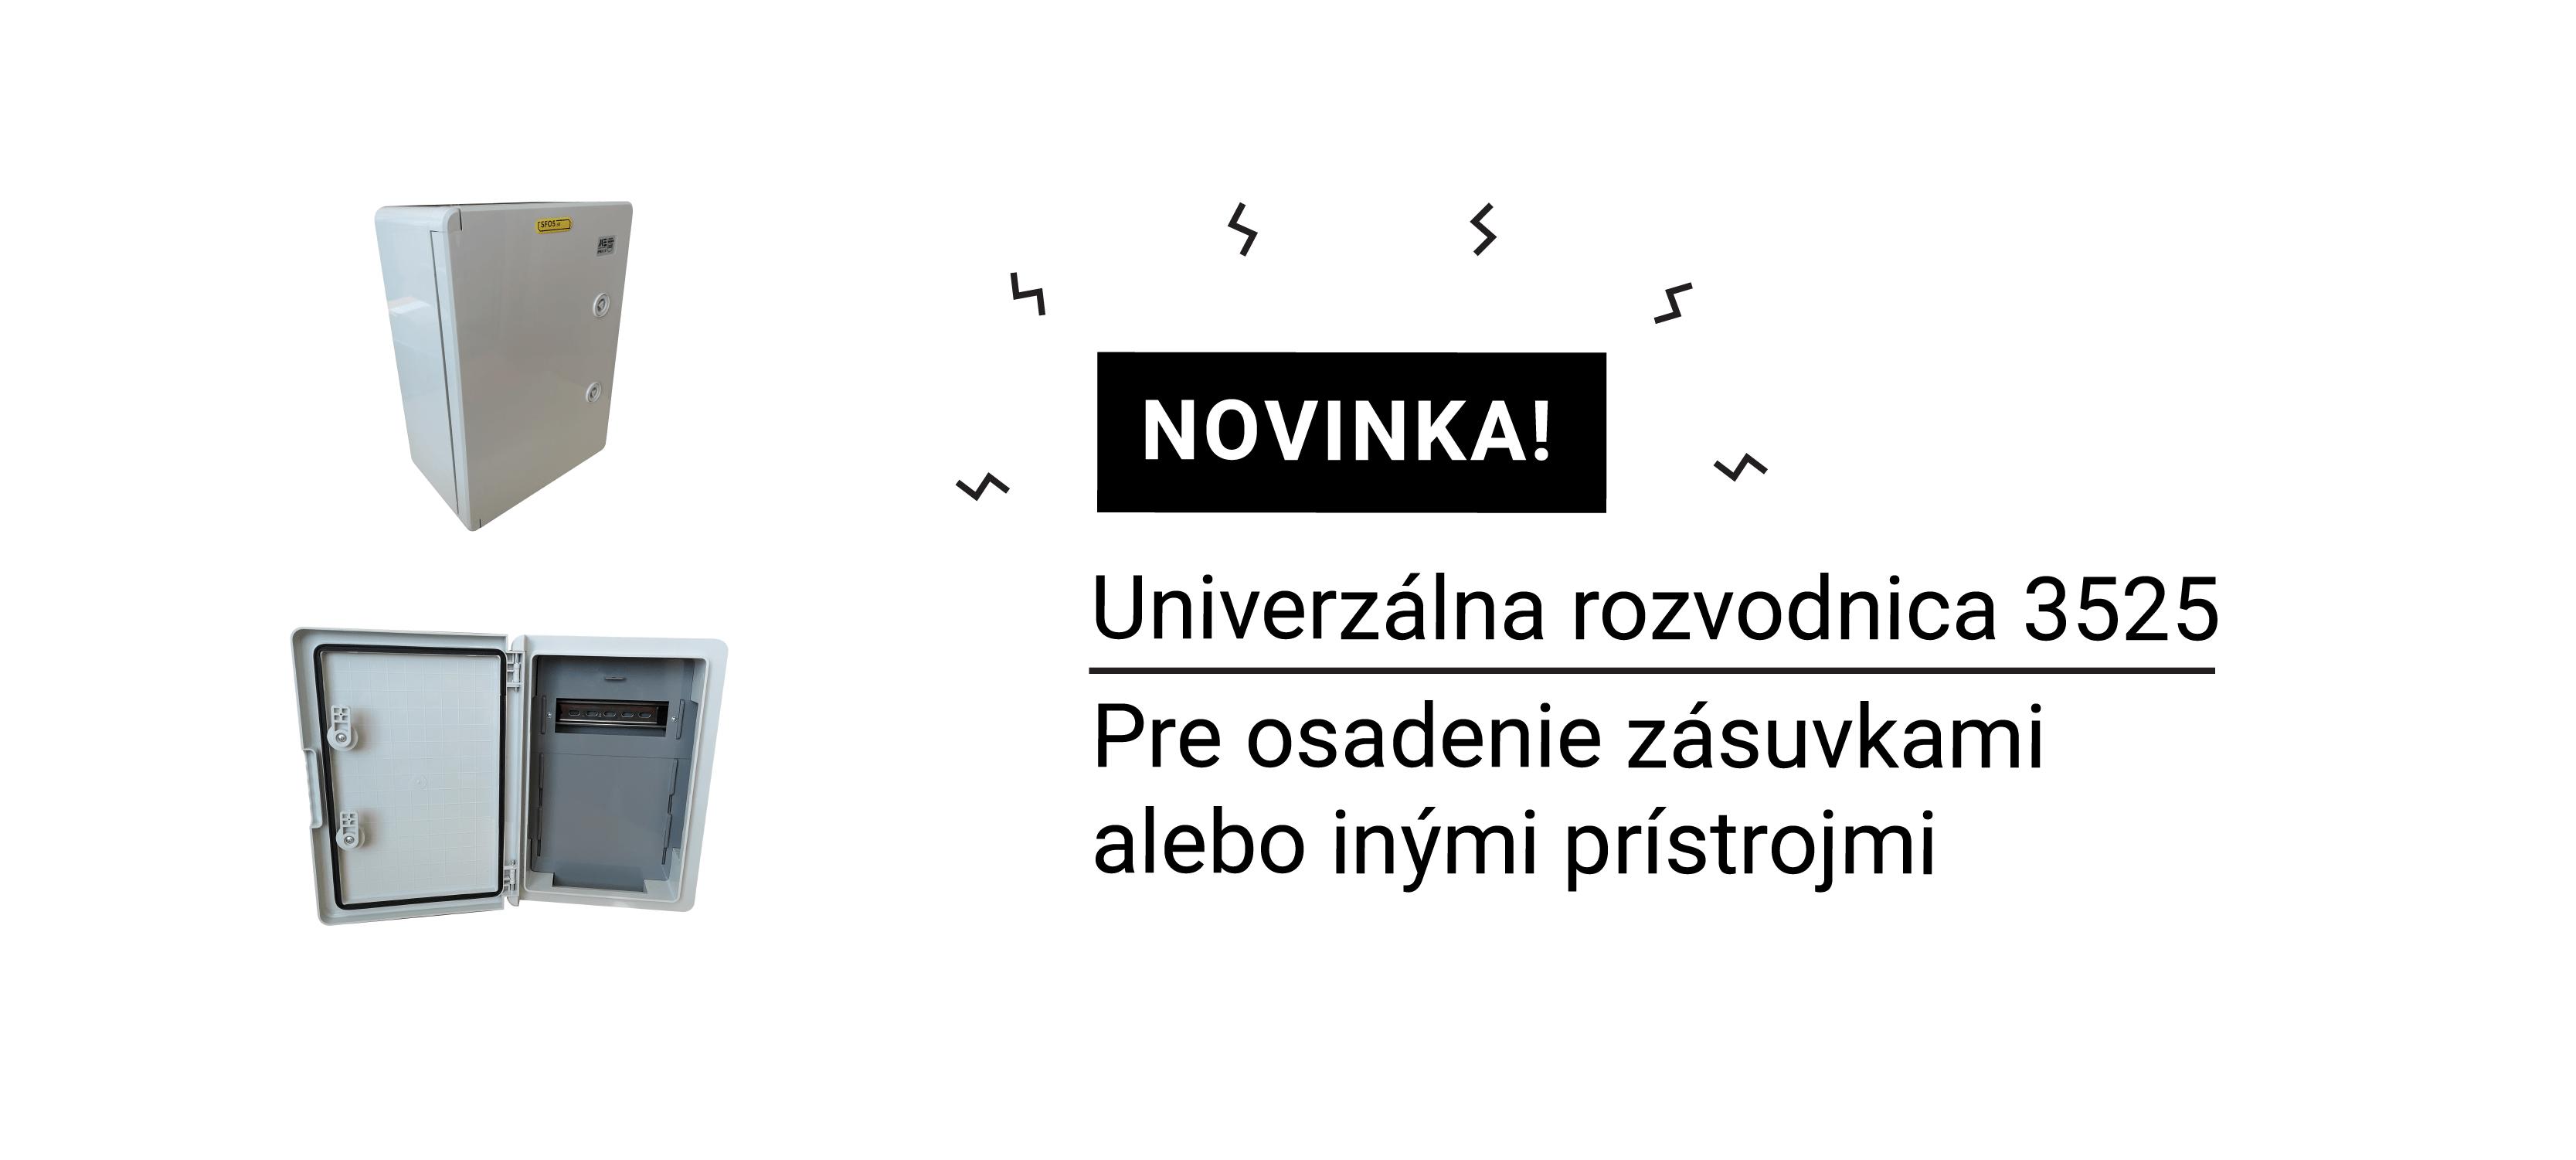 NOVINKA-univerzalna-rozvodnica